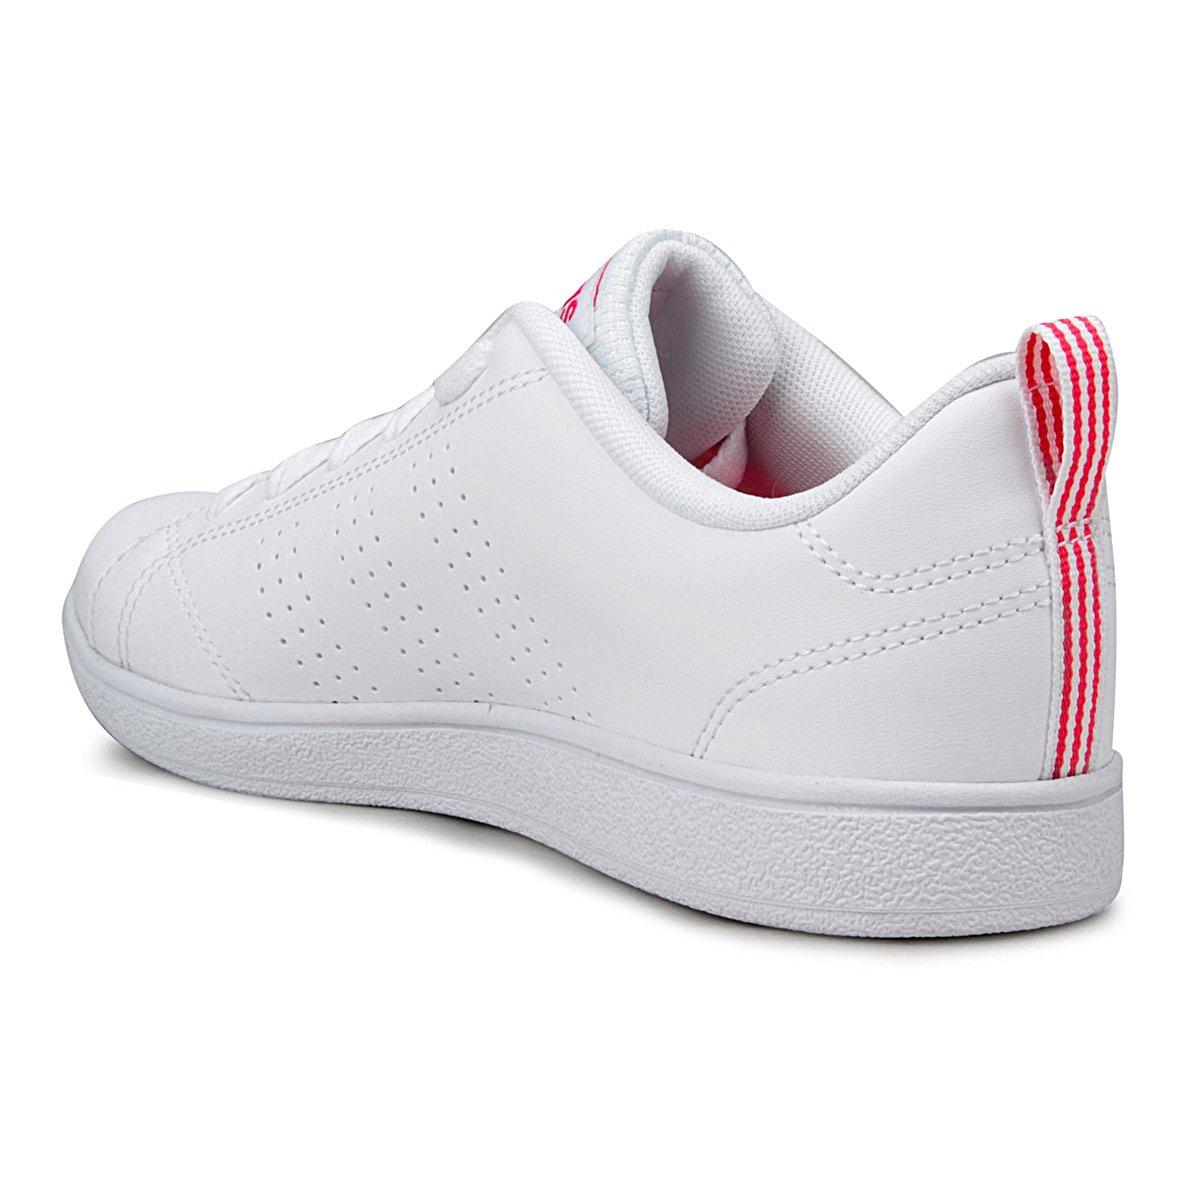 116df35544 Tênis Adidas Vs Advantage Clean K Infantil - Branco e Vermelho ...